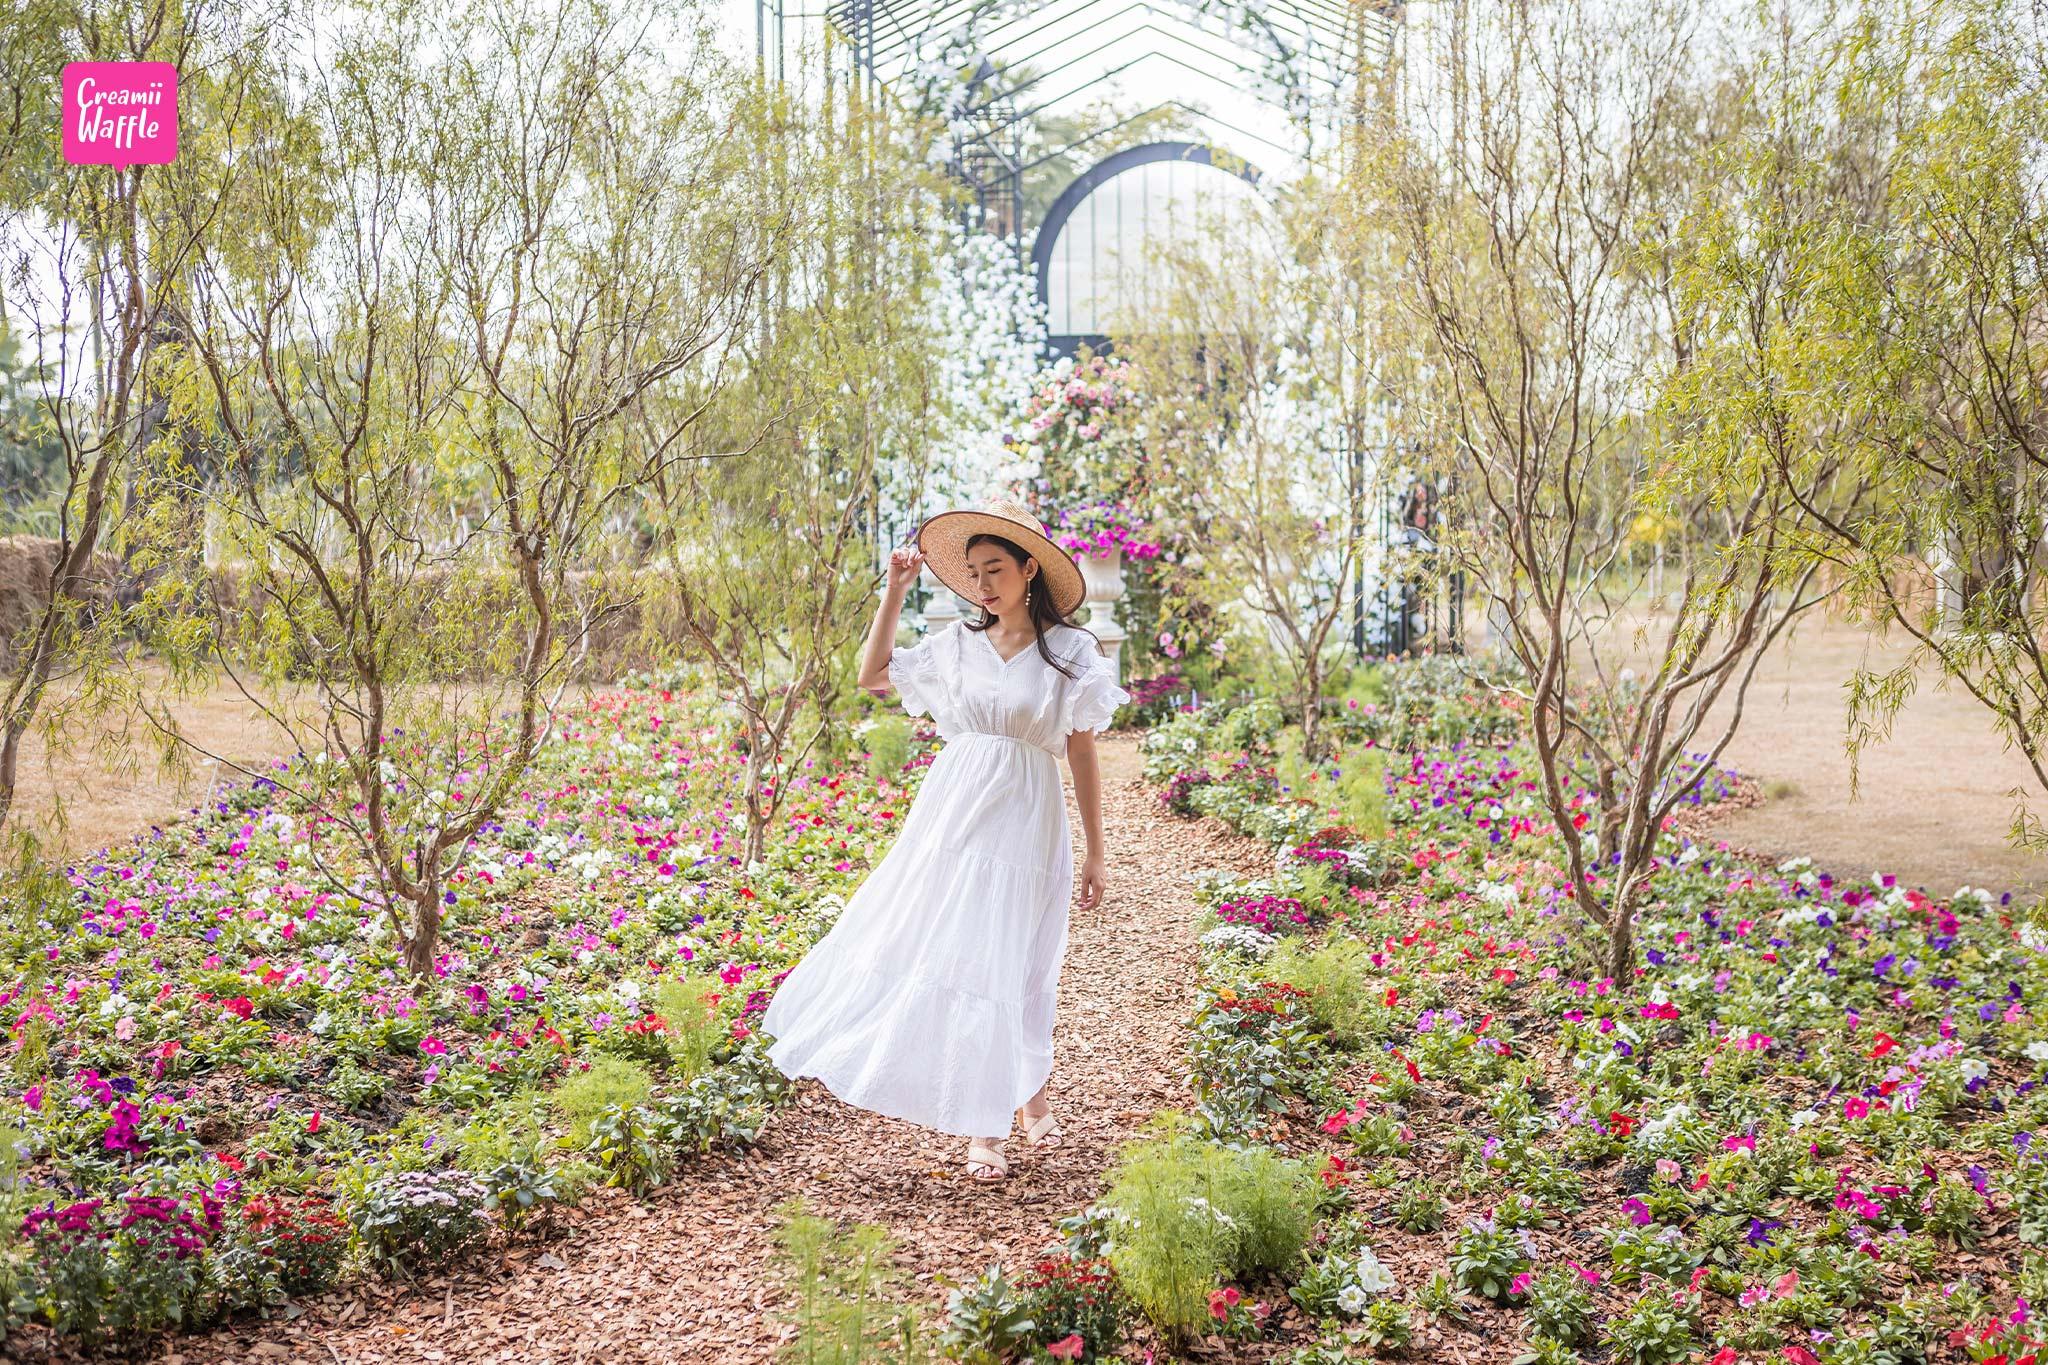 เที่ยว รักดอก RakDok มหัศจรรย์แดนมาลี